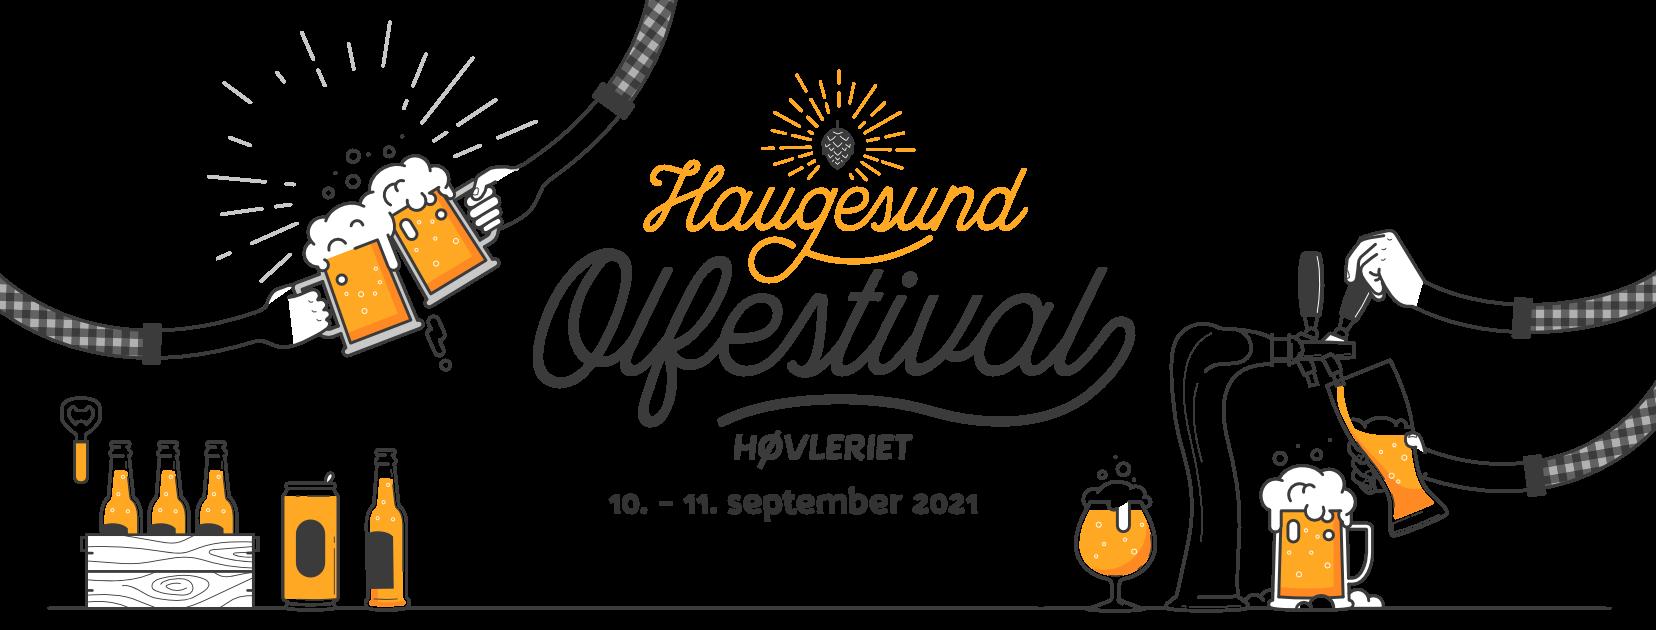 Haugesund Ølfestival banner